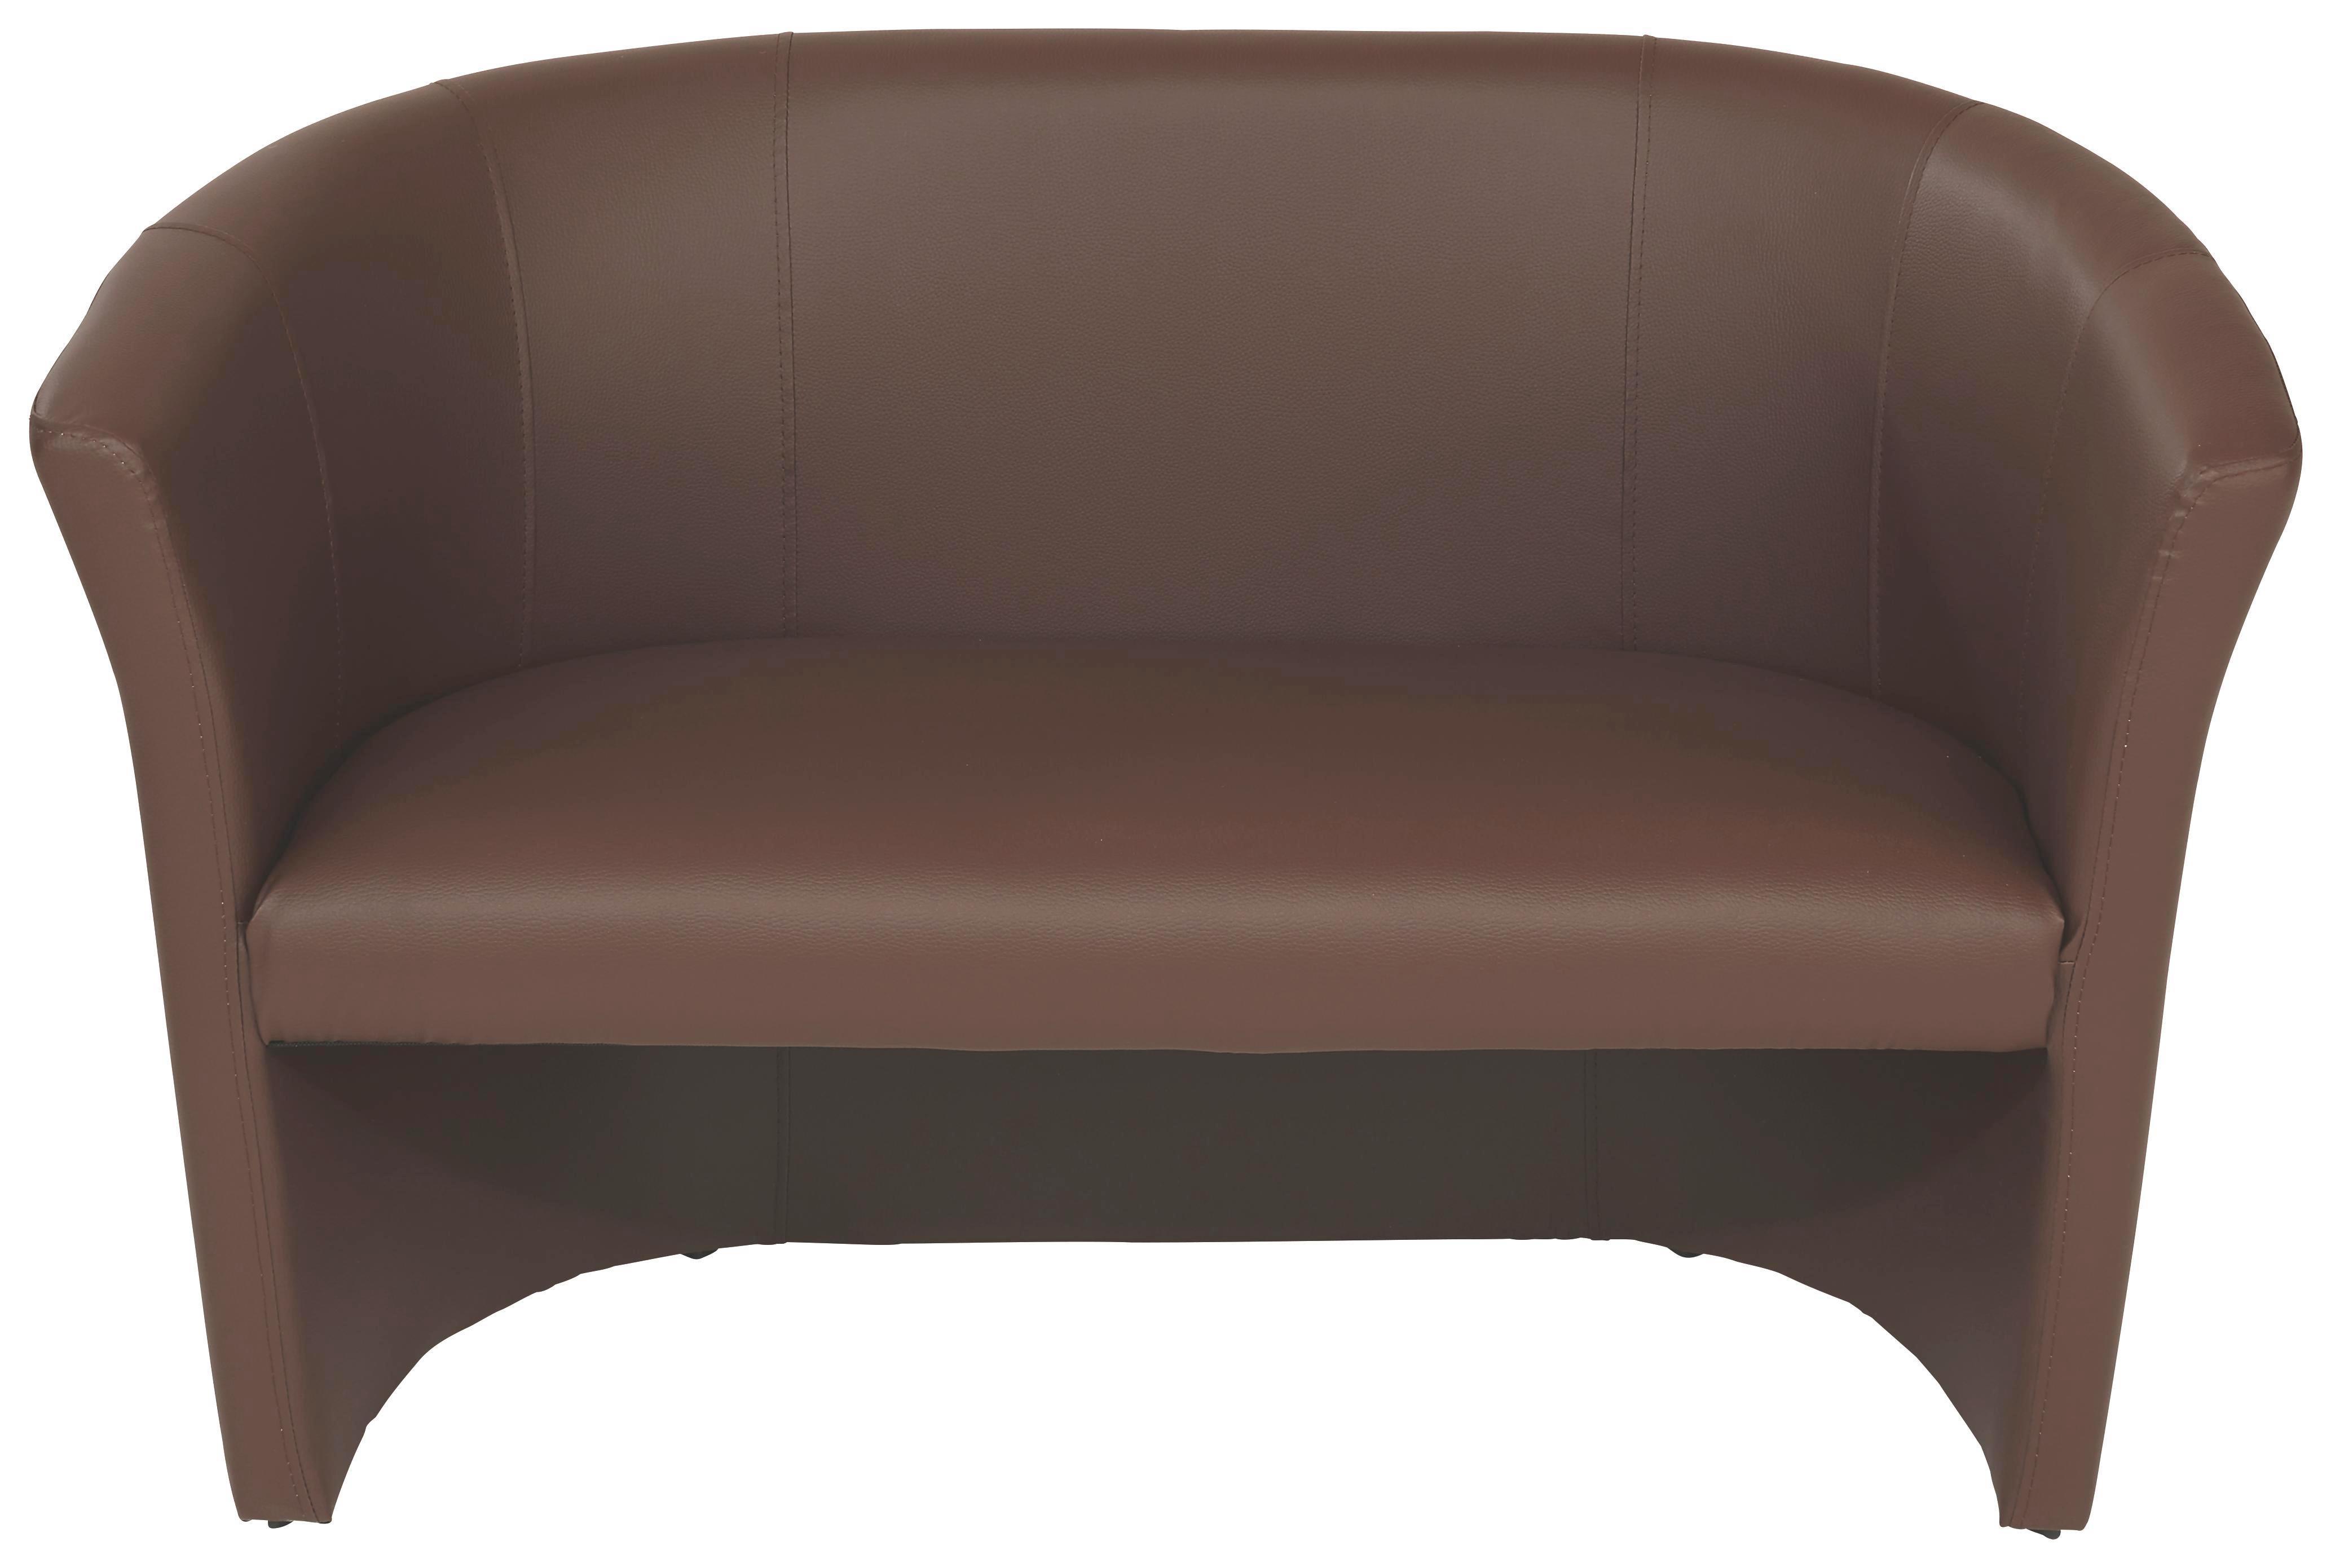 Dvoumístná Pohovka Hugo Duo - hnědá, Moderní, textil (118/76/59cm) - OMBRA